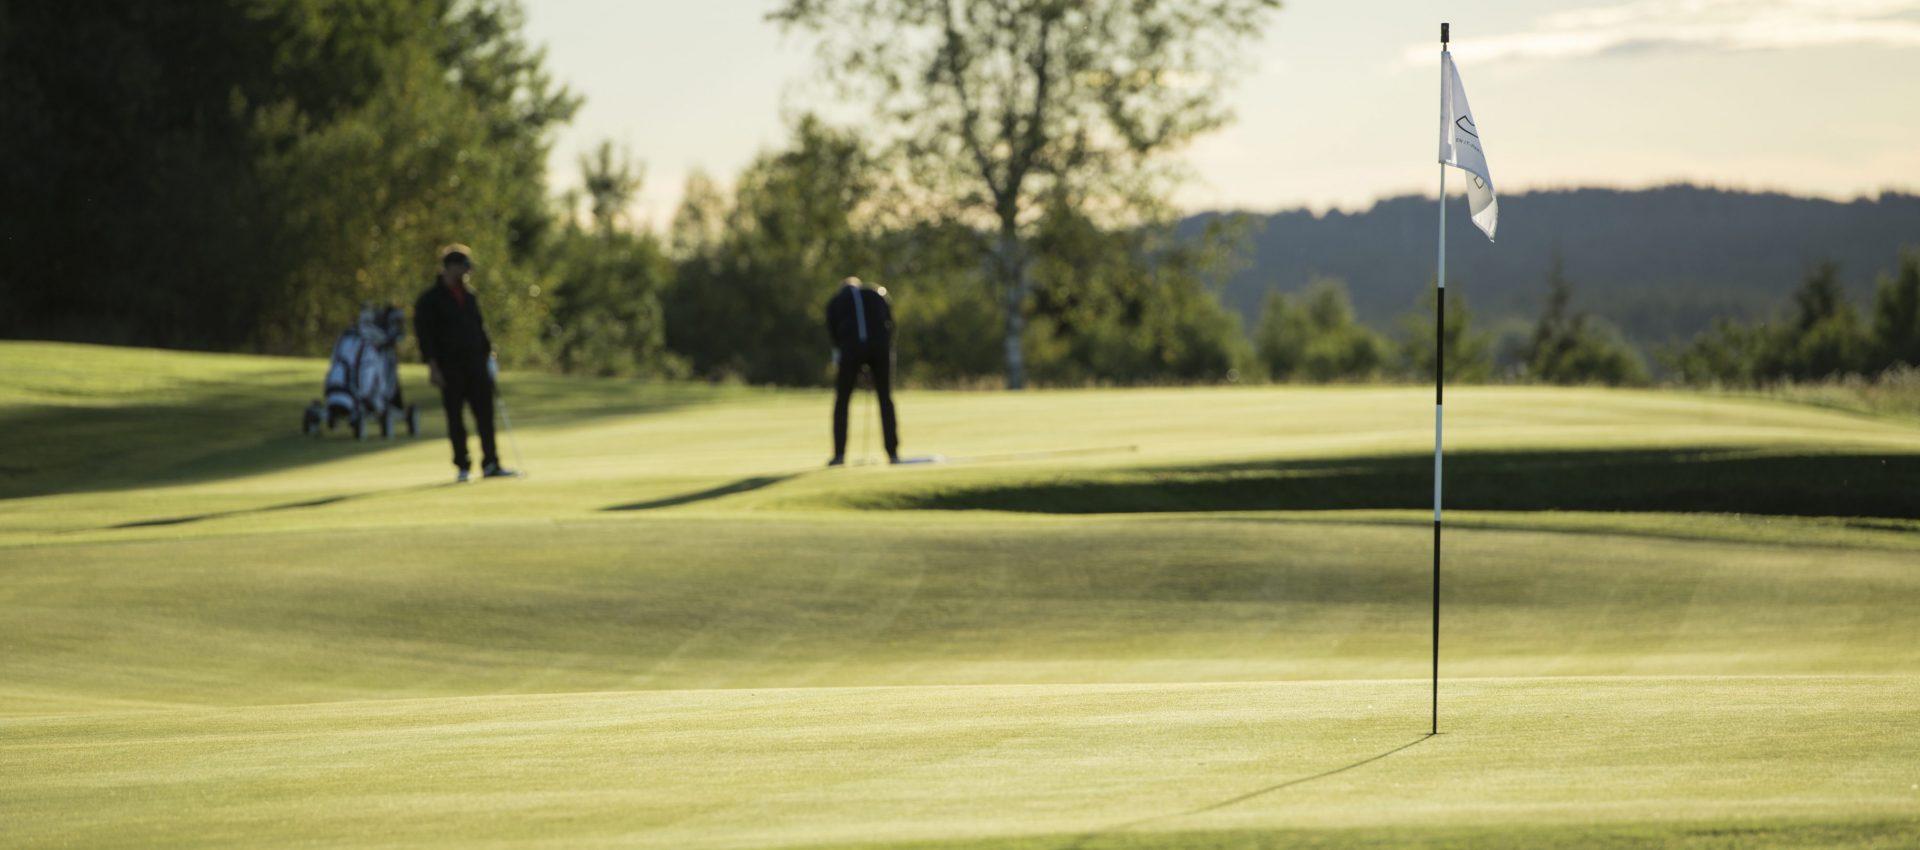 Golf dating hem sida